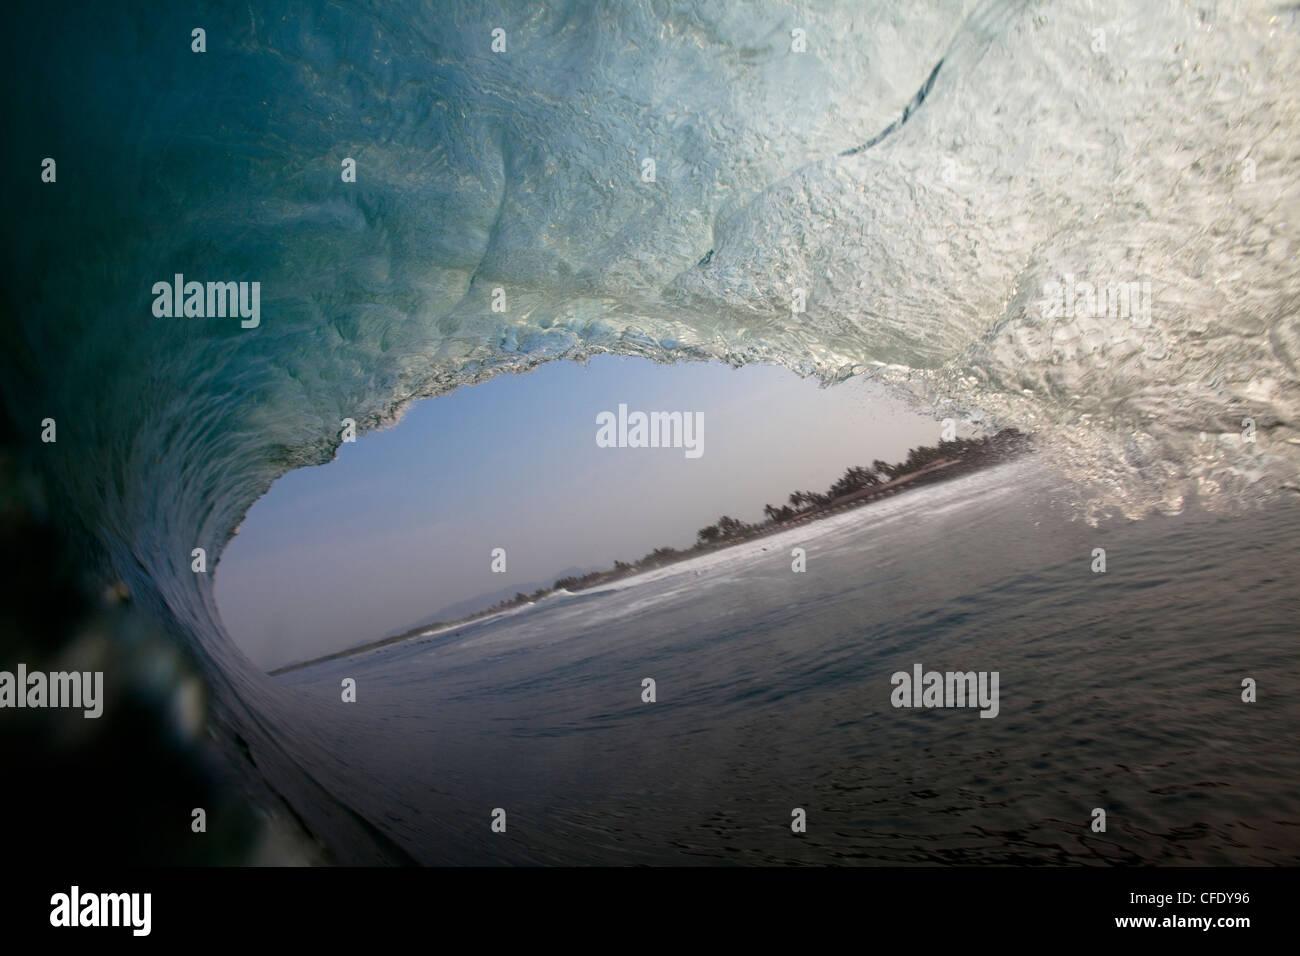 Une énorme vague de barils au beach break lourd notoirement de Pasquales, Mexique Photo Stock